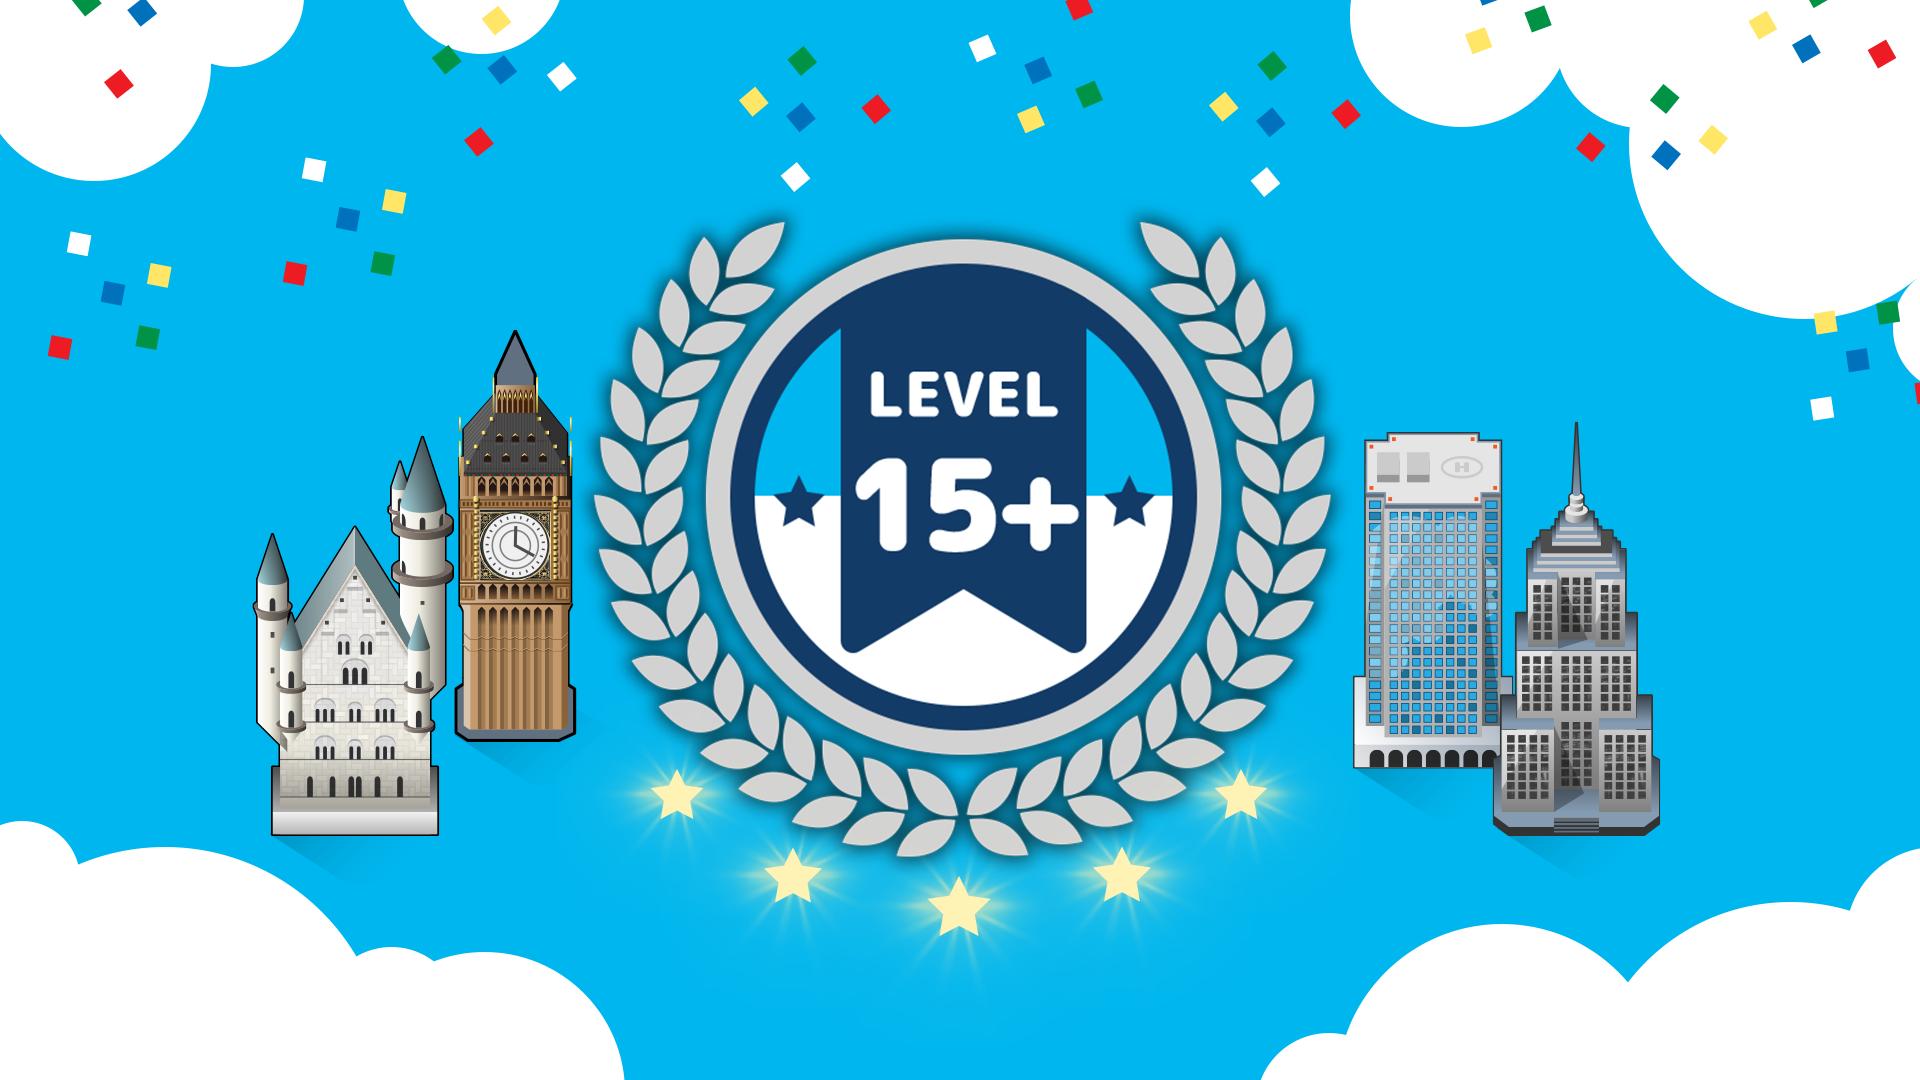 Icon for Skyscraper